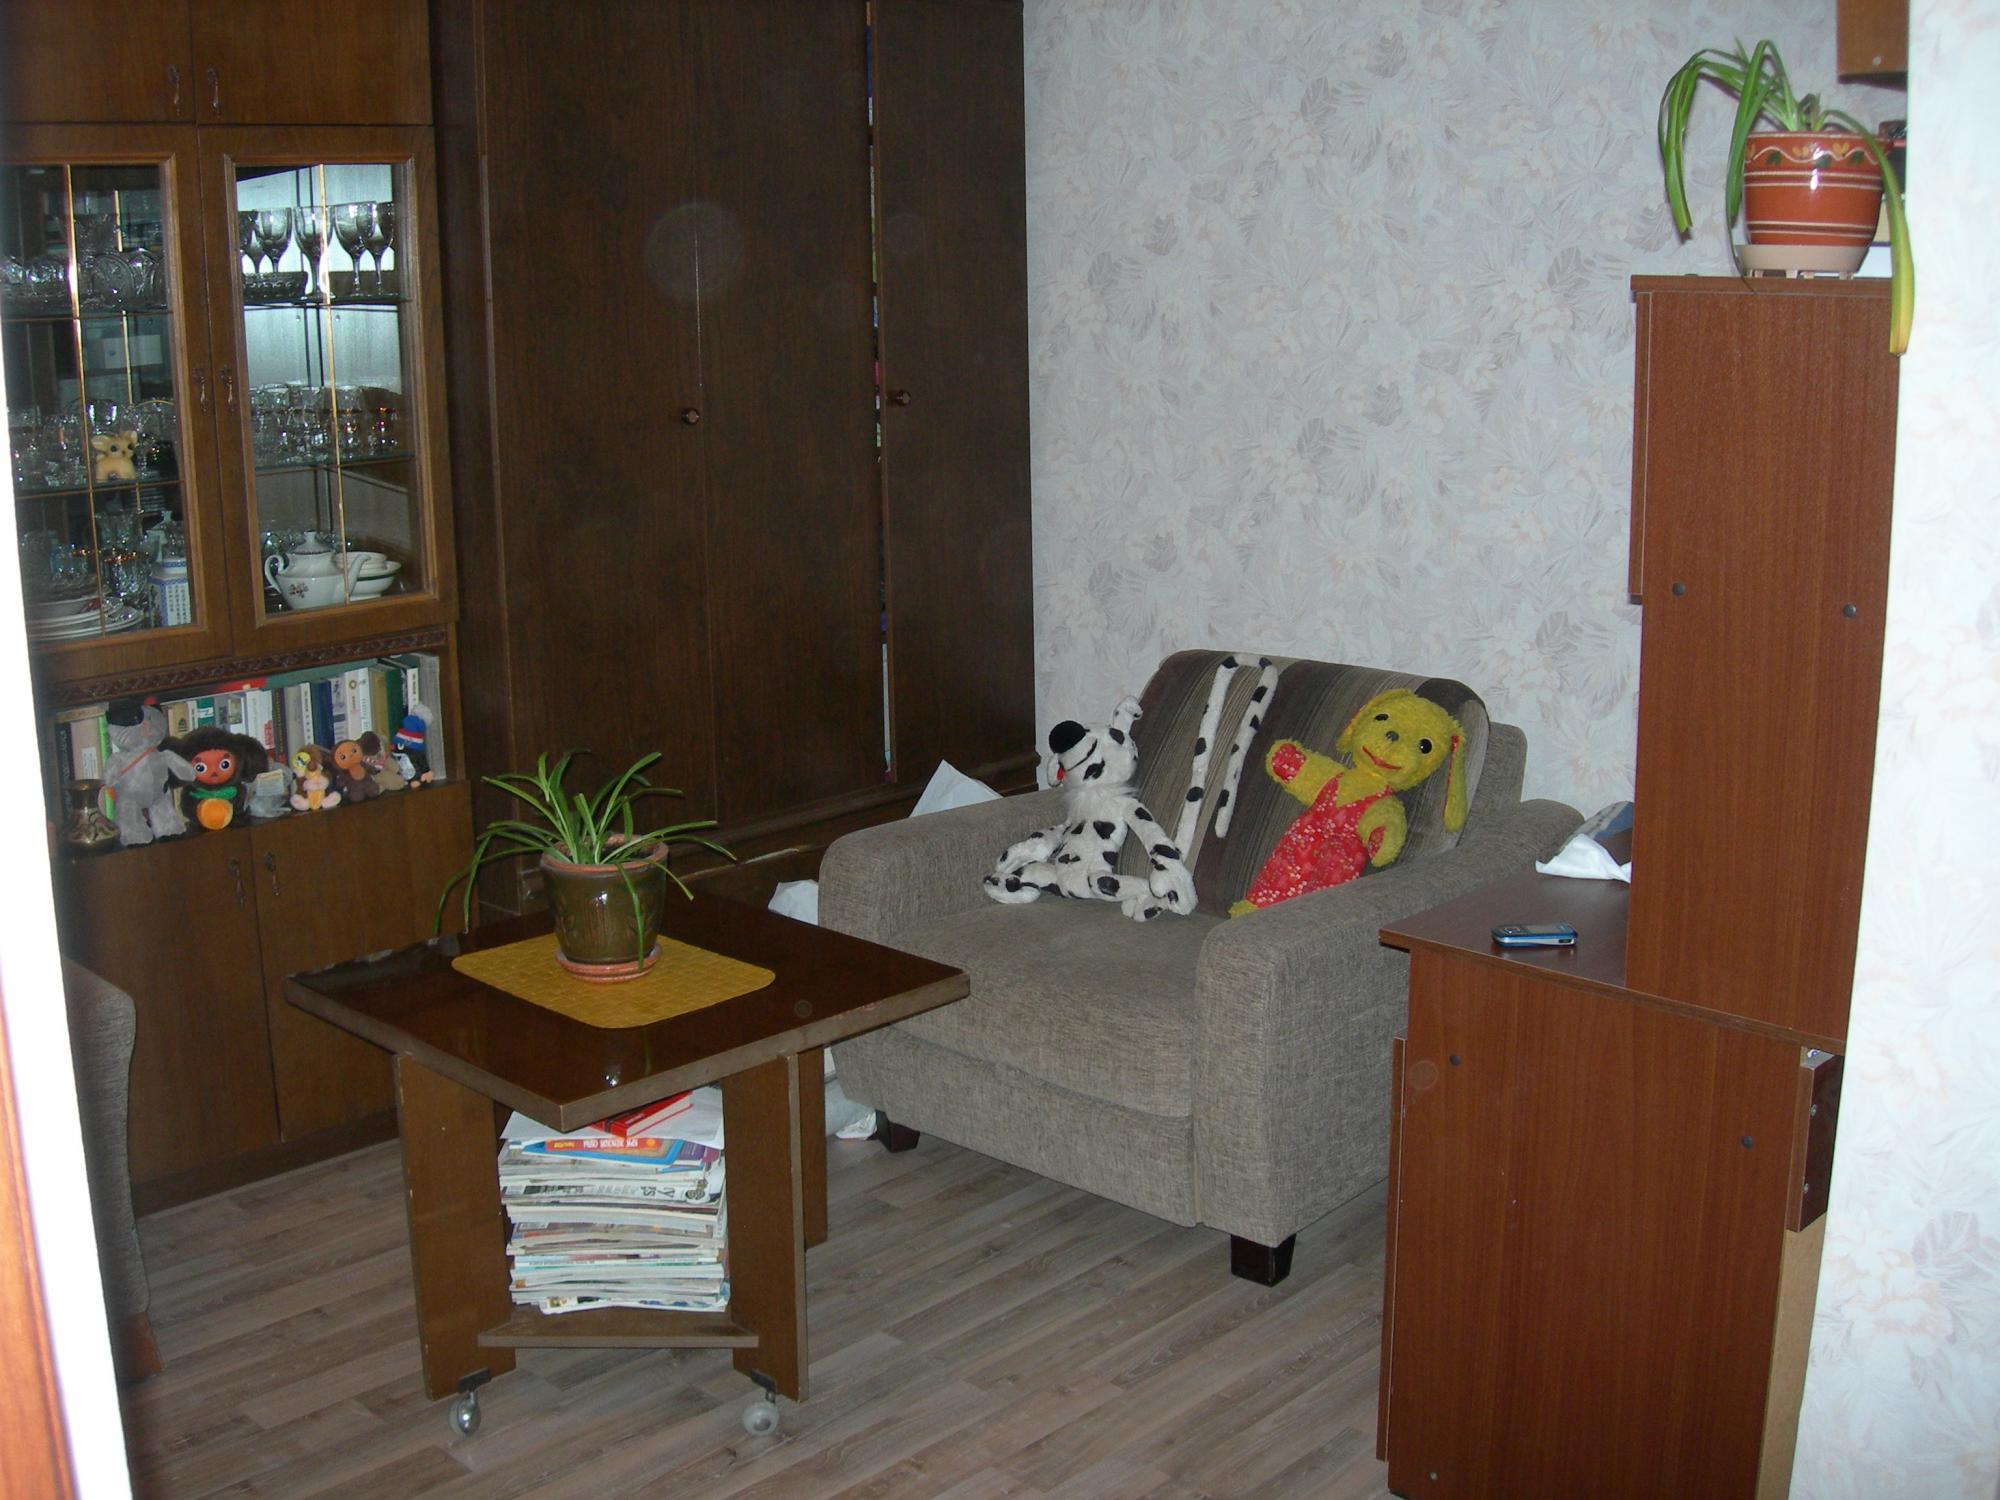 Квартира, 1 комната, 30 м² в Москве 89104618174 купить 4